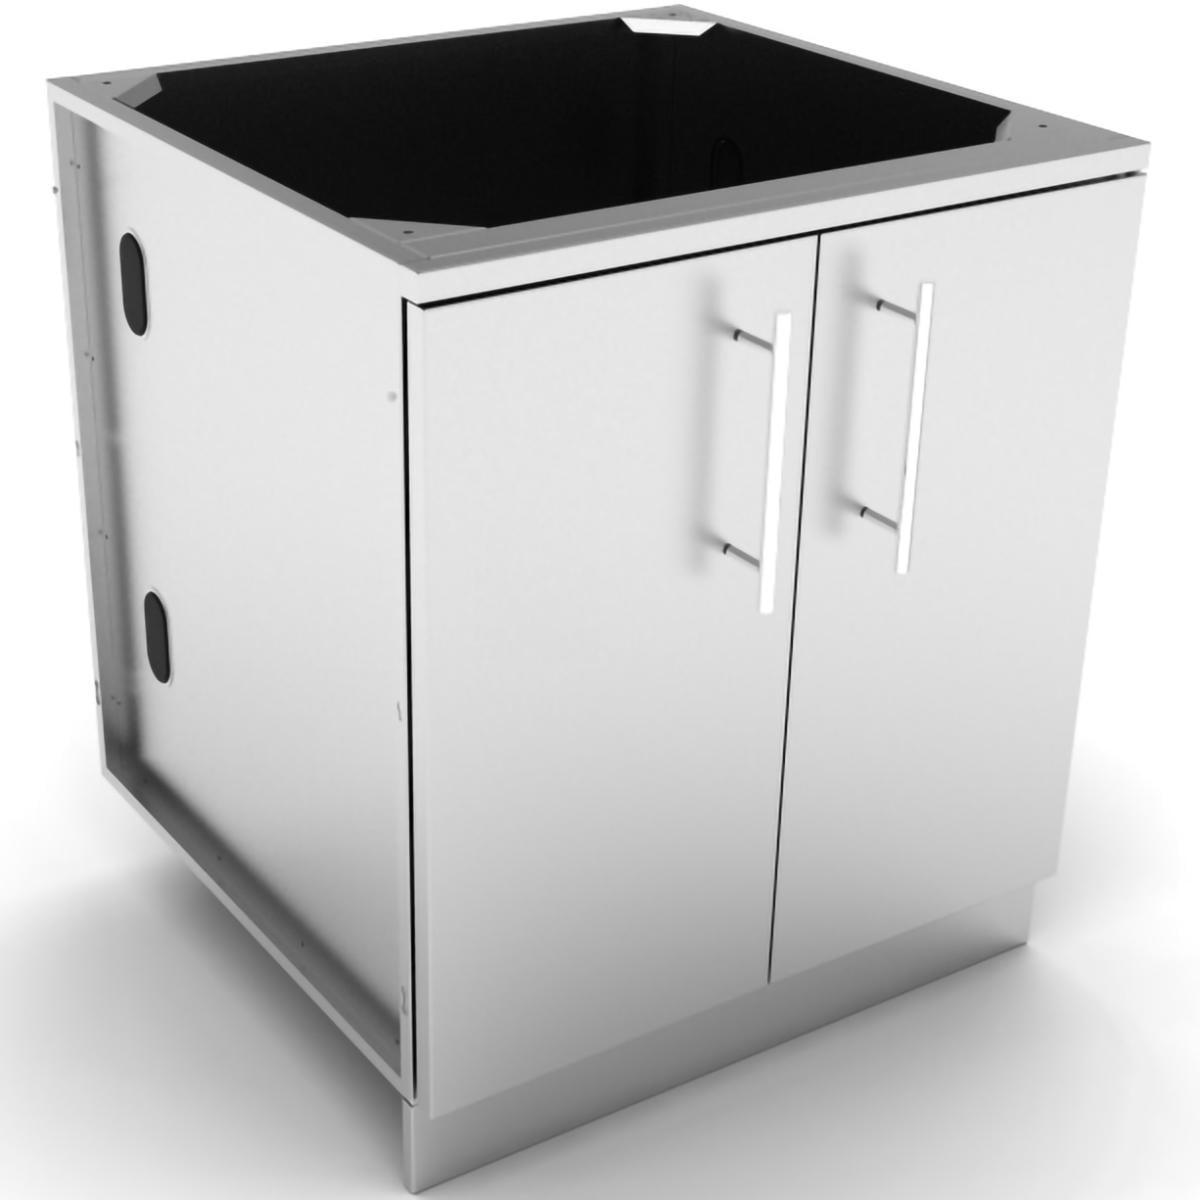 Sunstone 30-Inch Outdoor Kitchen Double Door Island Cabinet